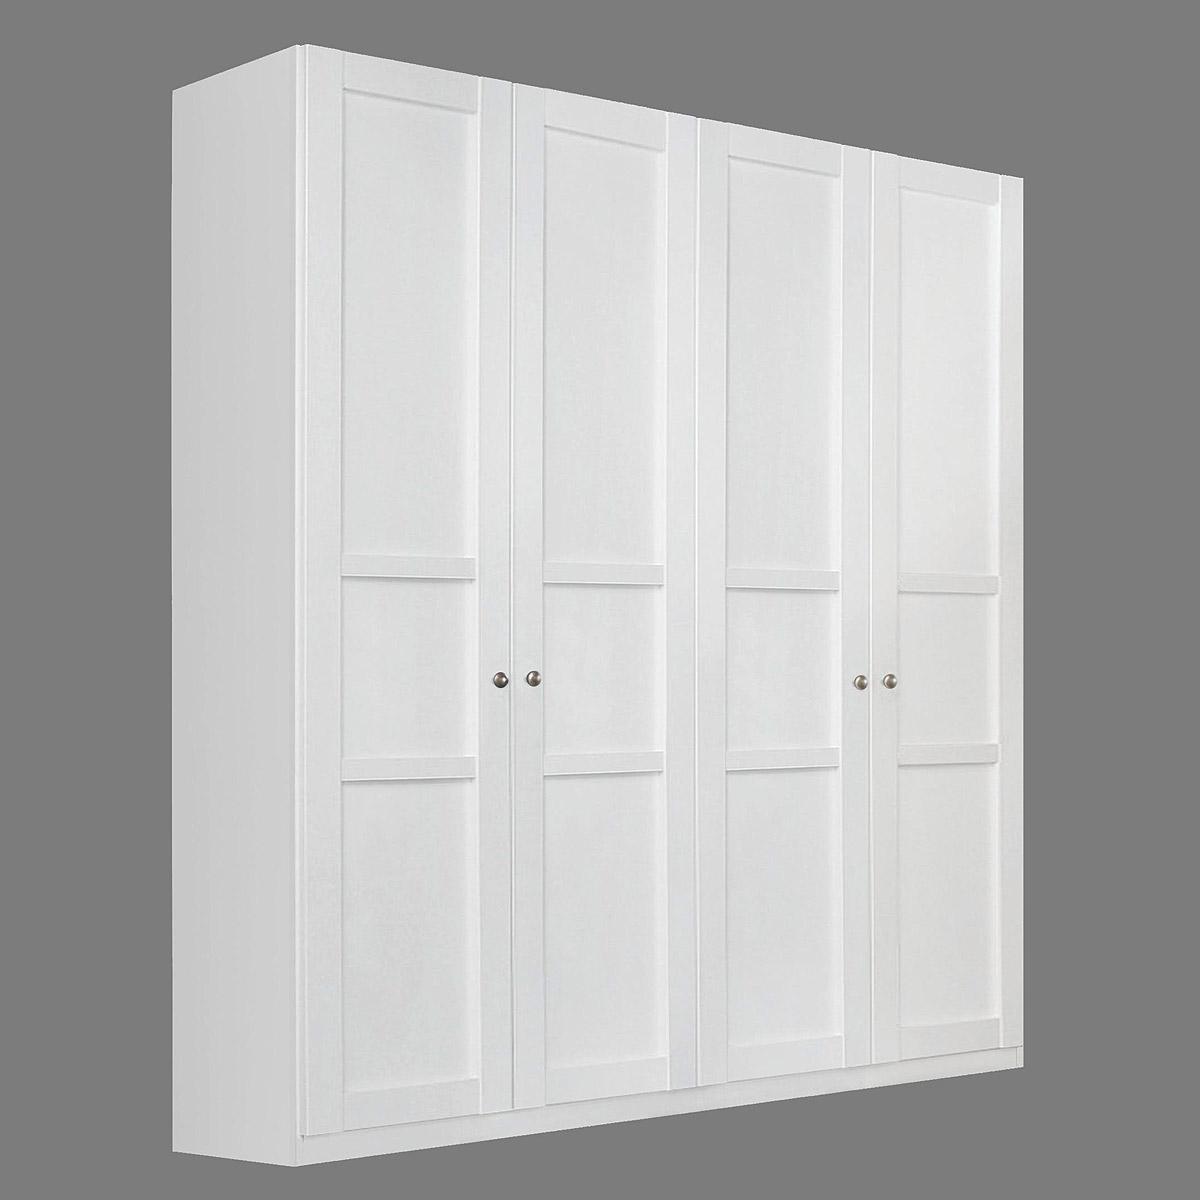 kleiderschrank marit schrank schlafzimmer wei mit 4 t ren breite 181 cm. Black Bedroom Furniture Sets. Home Design Ideas